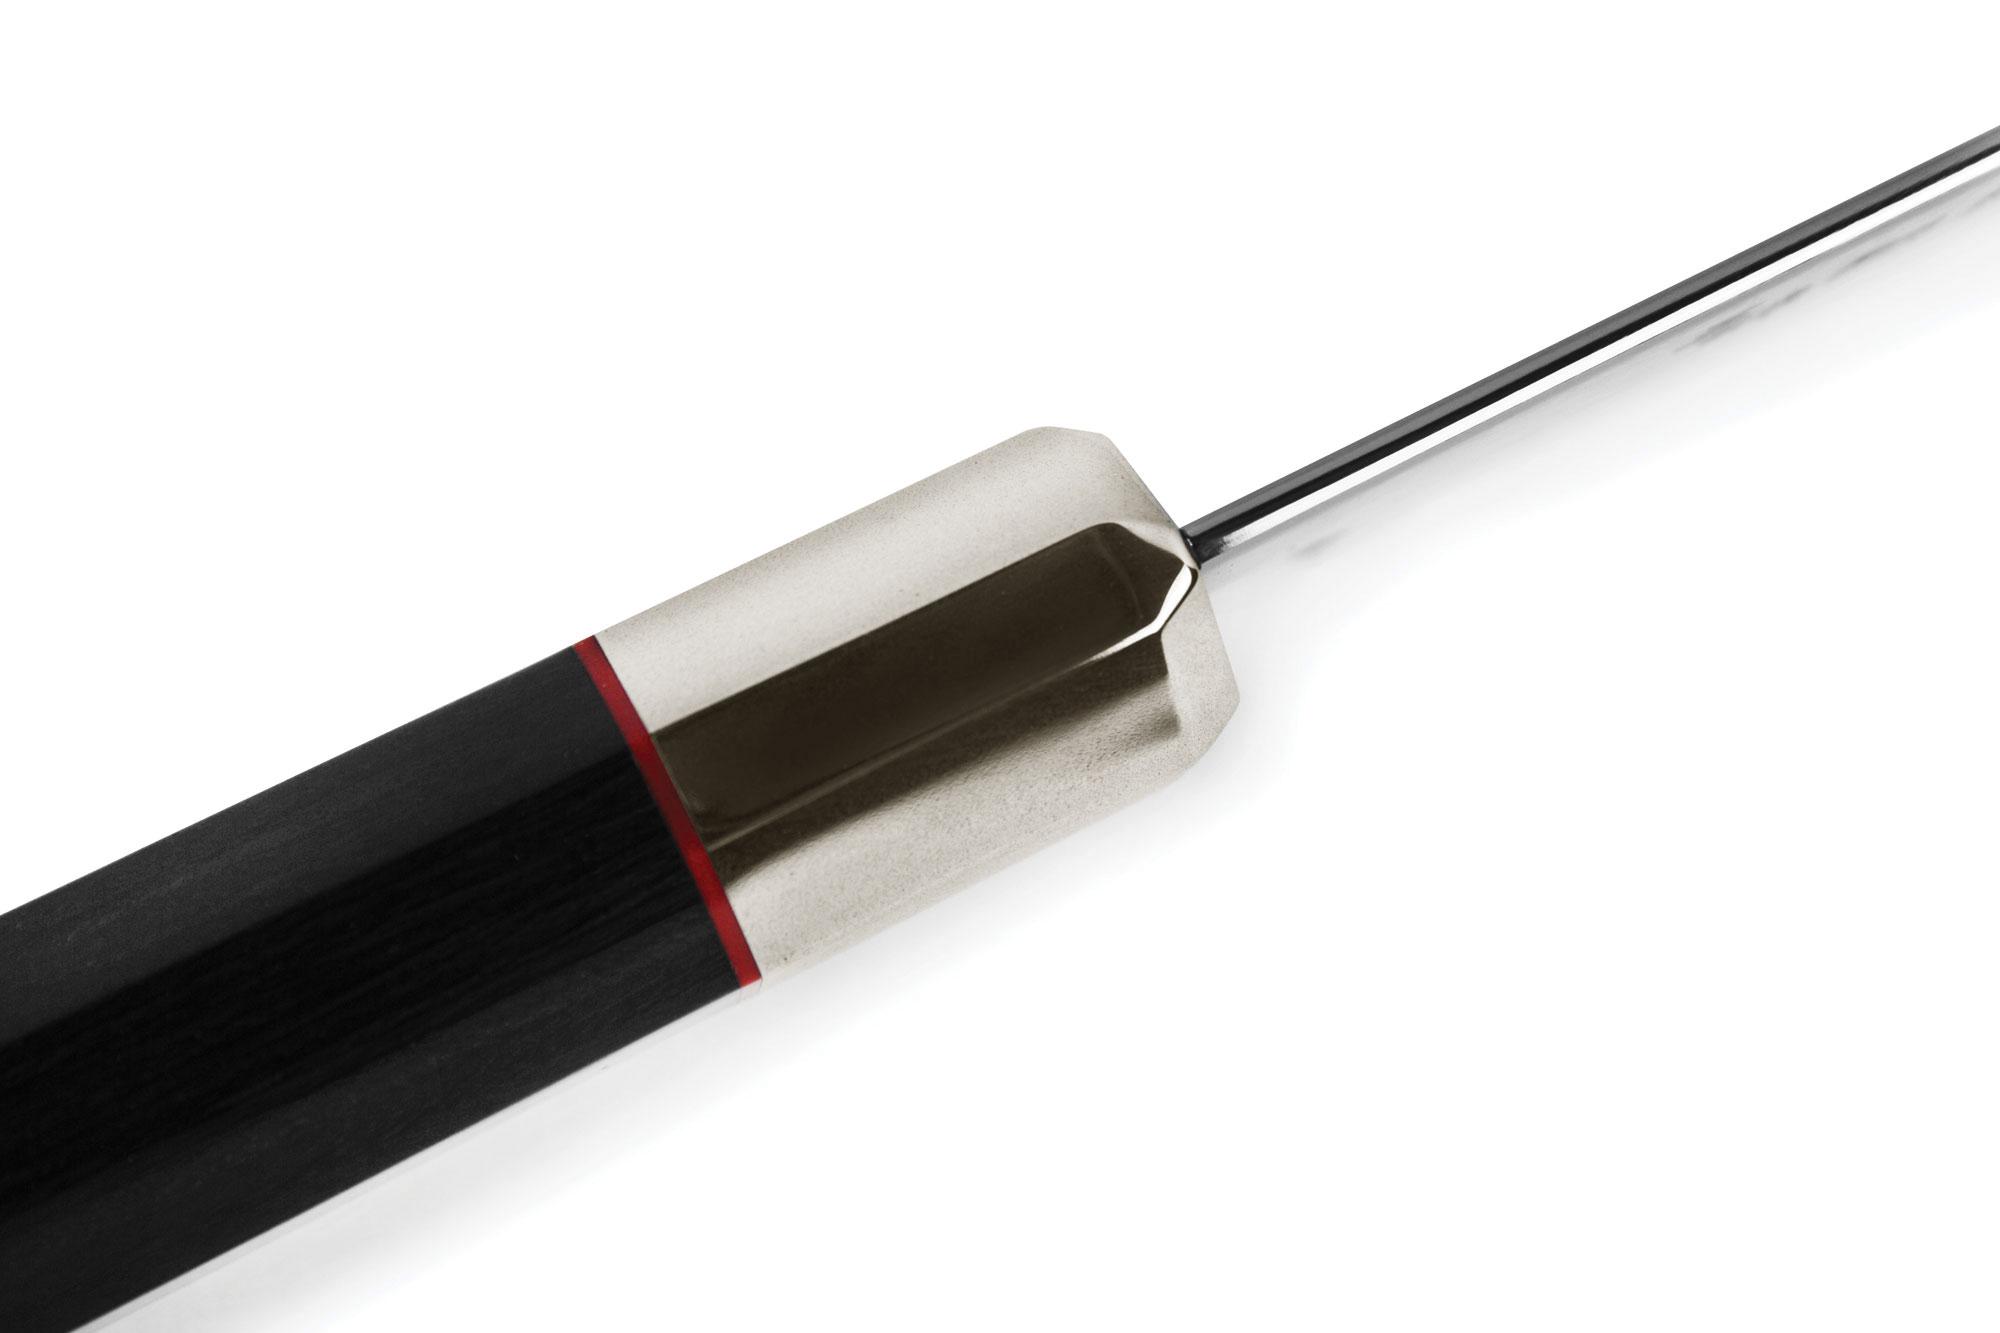 mcusta zanmai kuronami gyuto chef s knife 9 5 inch mcusta zanmai hybrid petty vg 10 90mm hz2 3000v